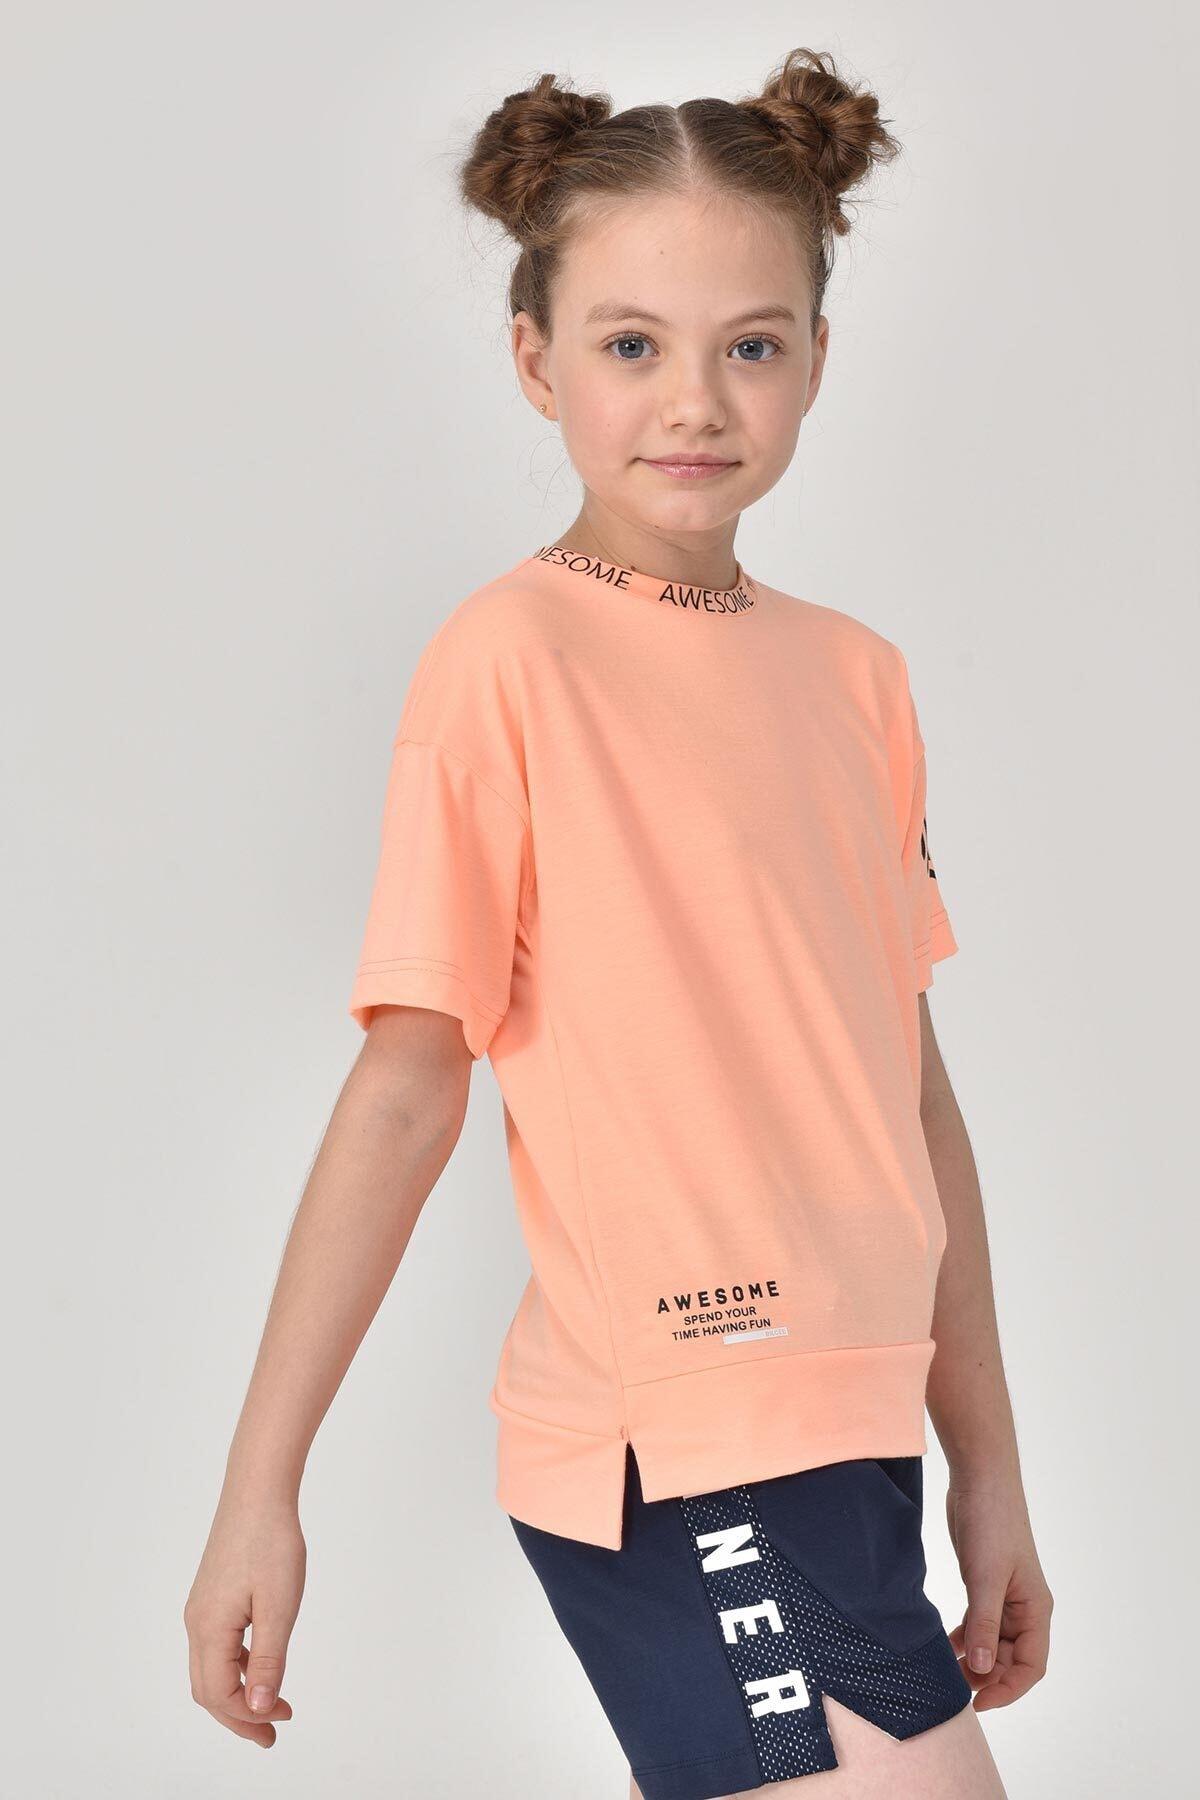 bilcee A.Turuncu Unisex Çocuk T-Shirt GS-8179 2